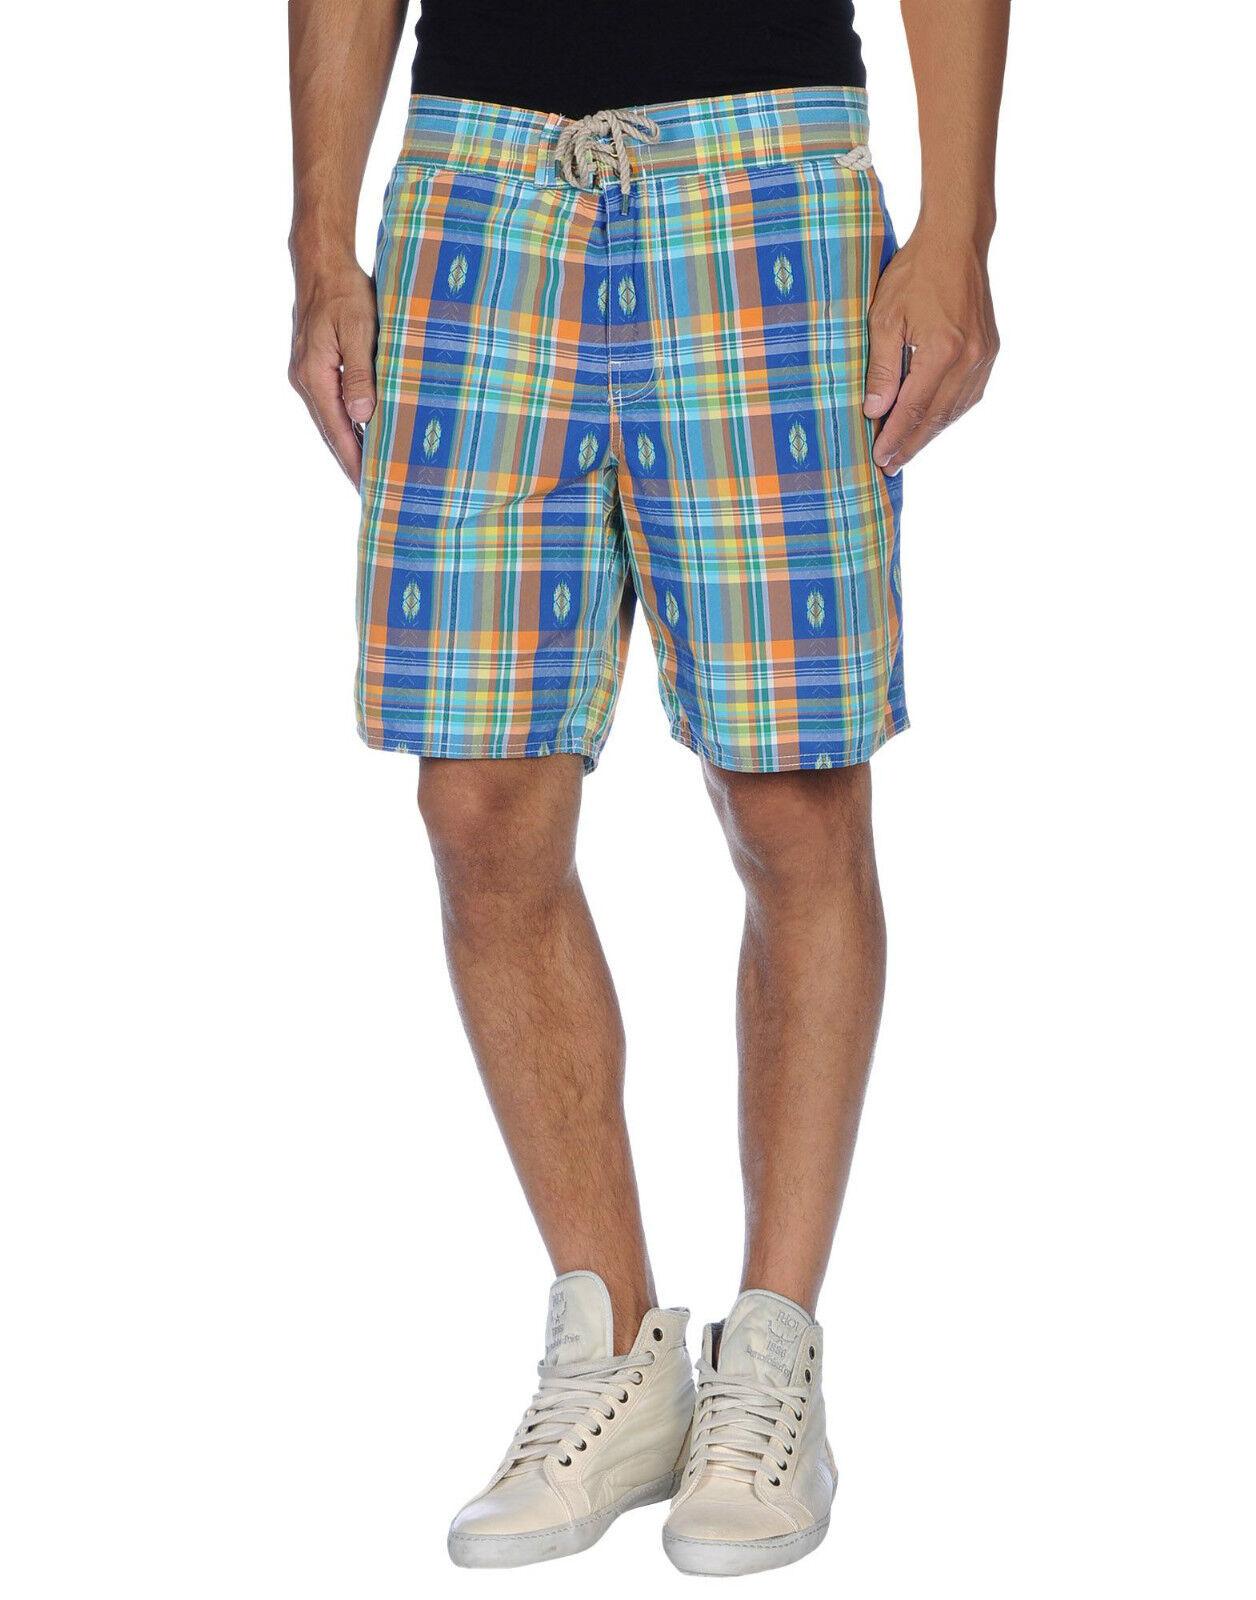 POLO Ralph Lauren a quadretti Sanibel, Swim Pantaloni Pantaloni Pantaloni corti nuova con etichetta taglia L XL (36  -38 ) 3f7a91